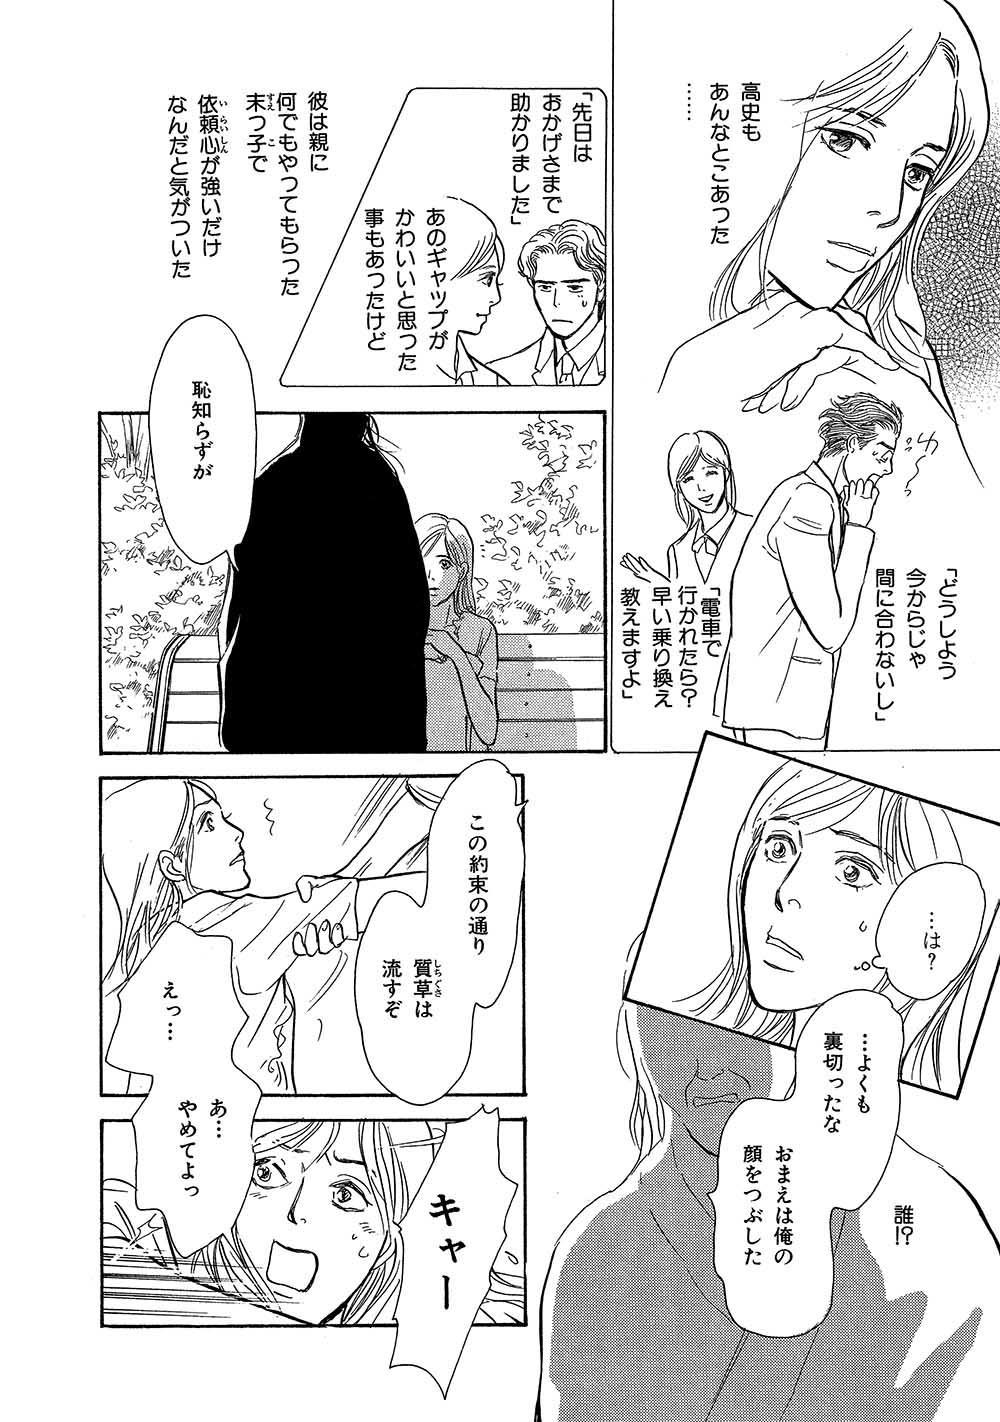 hyakki_0016_0080.jpg